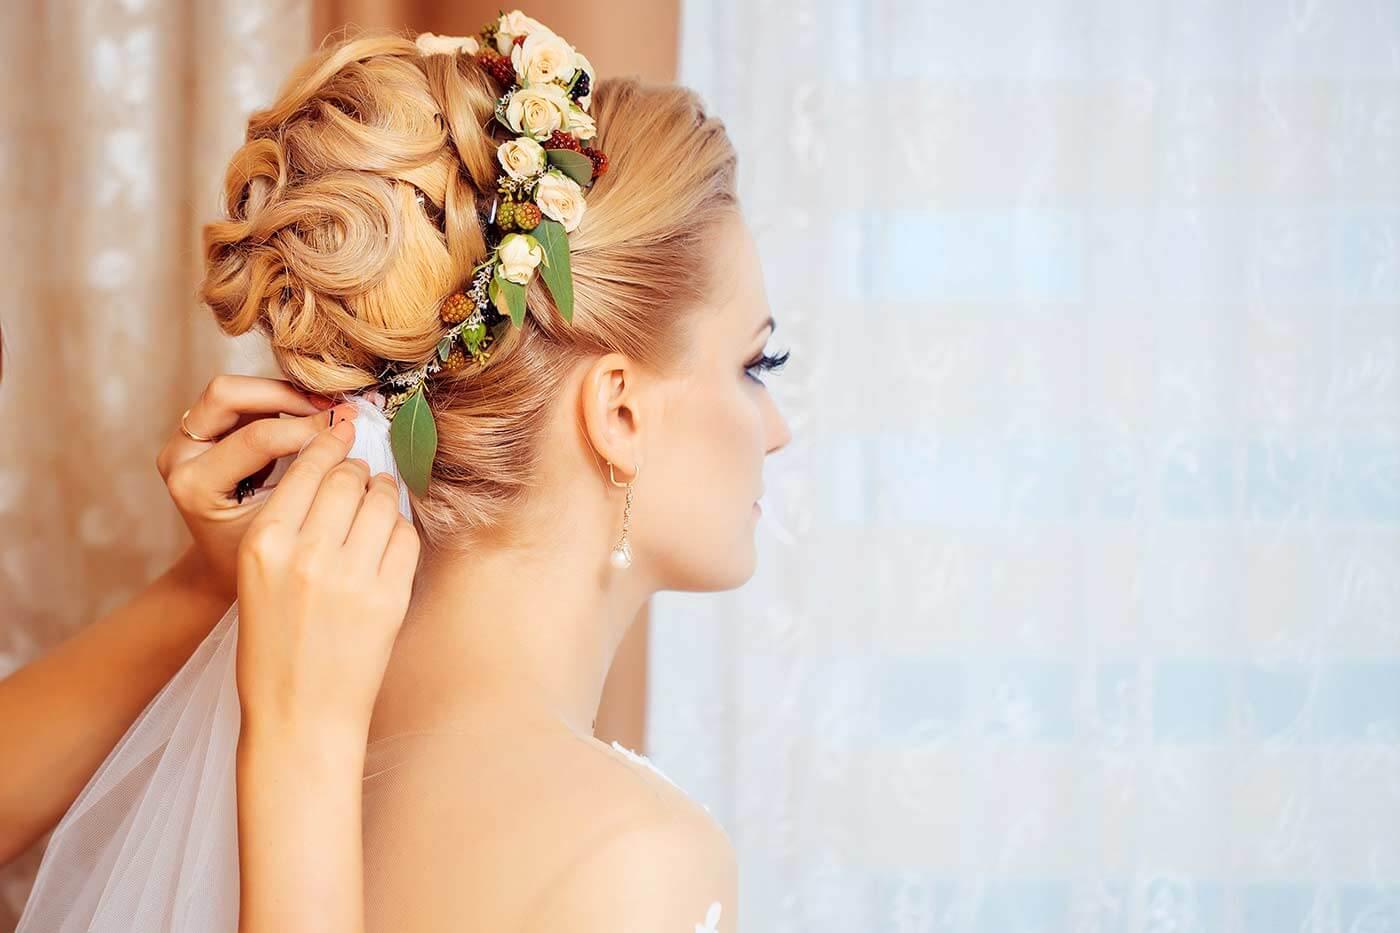 Brautfrisur mit Schleier und Blumen